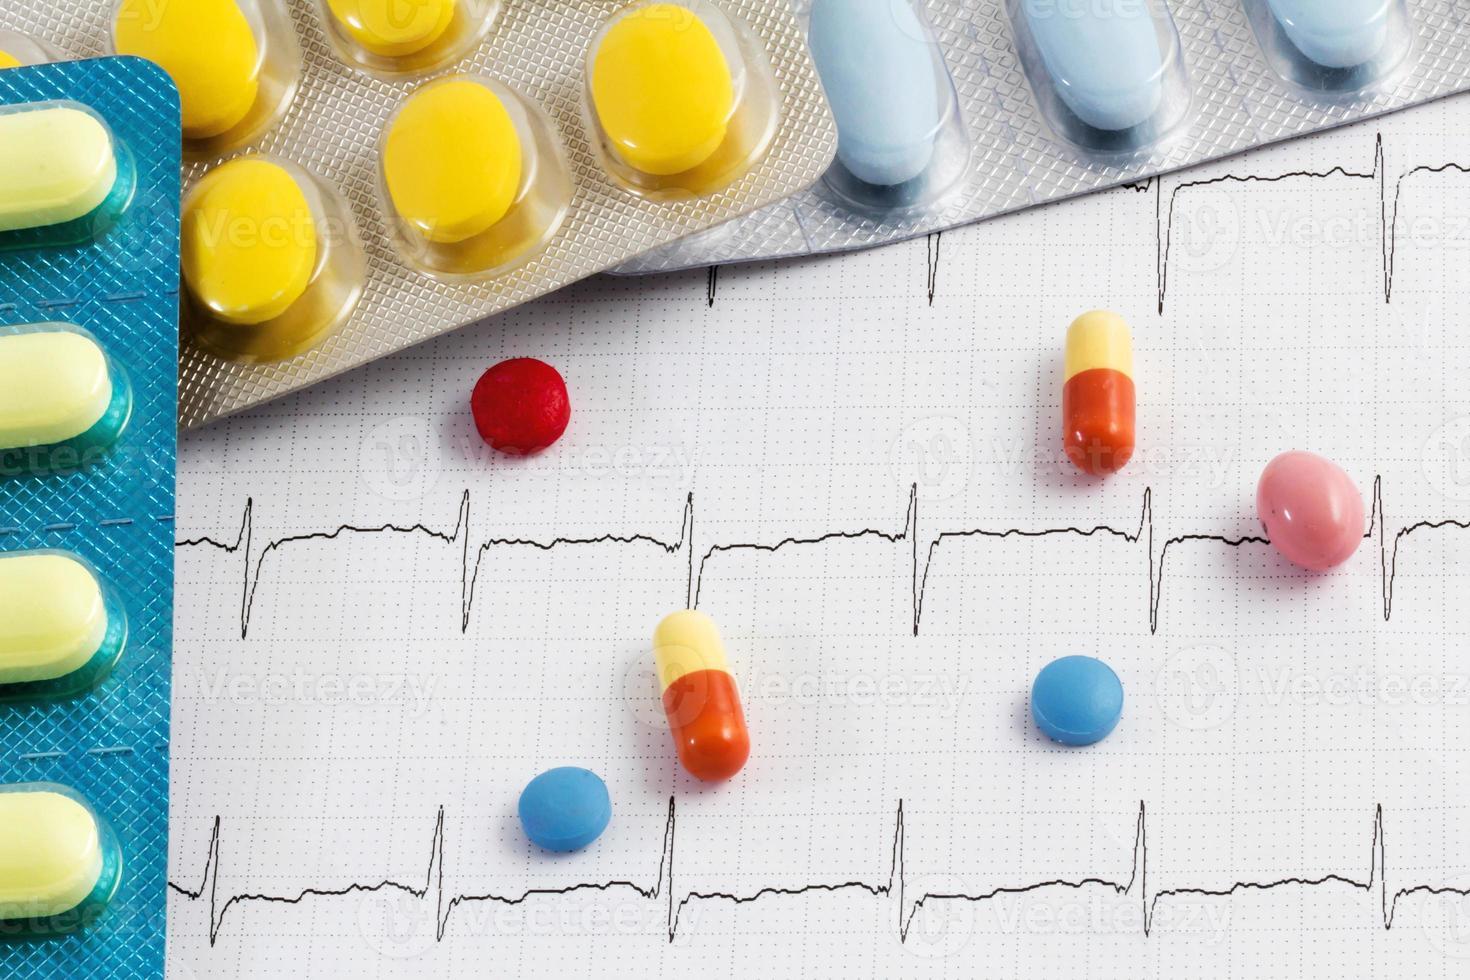 médicaments médicaux photo